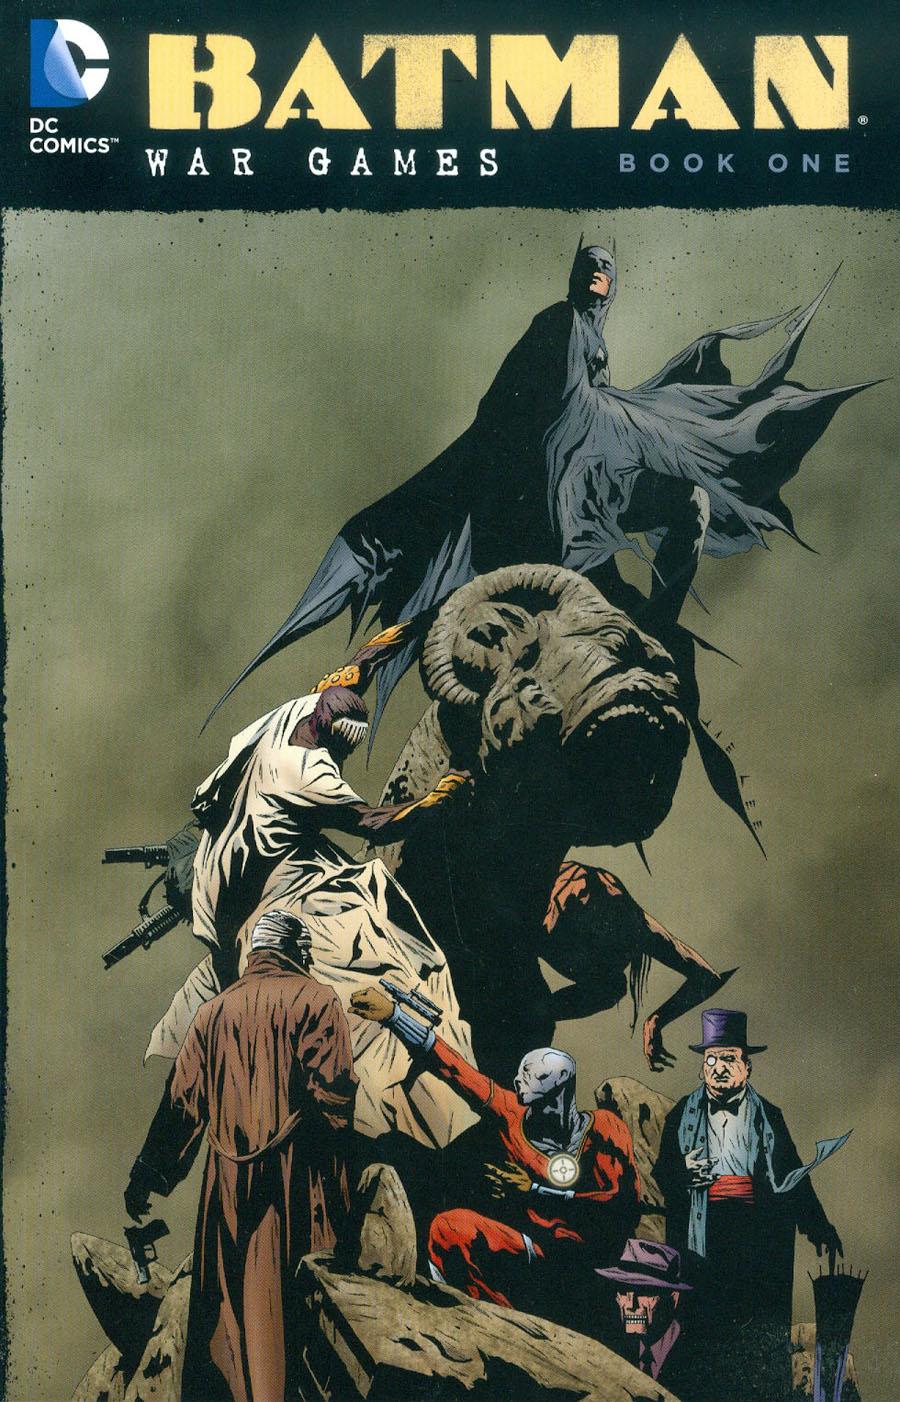 Batman War Games Vol 1 TP New Edition